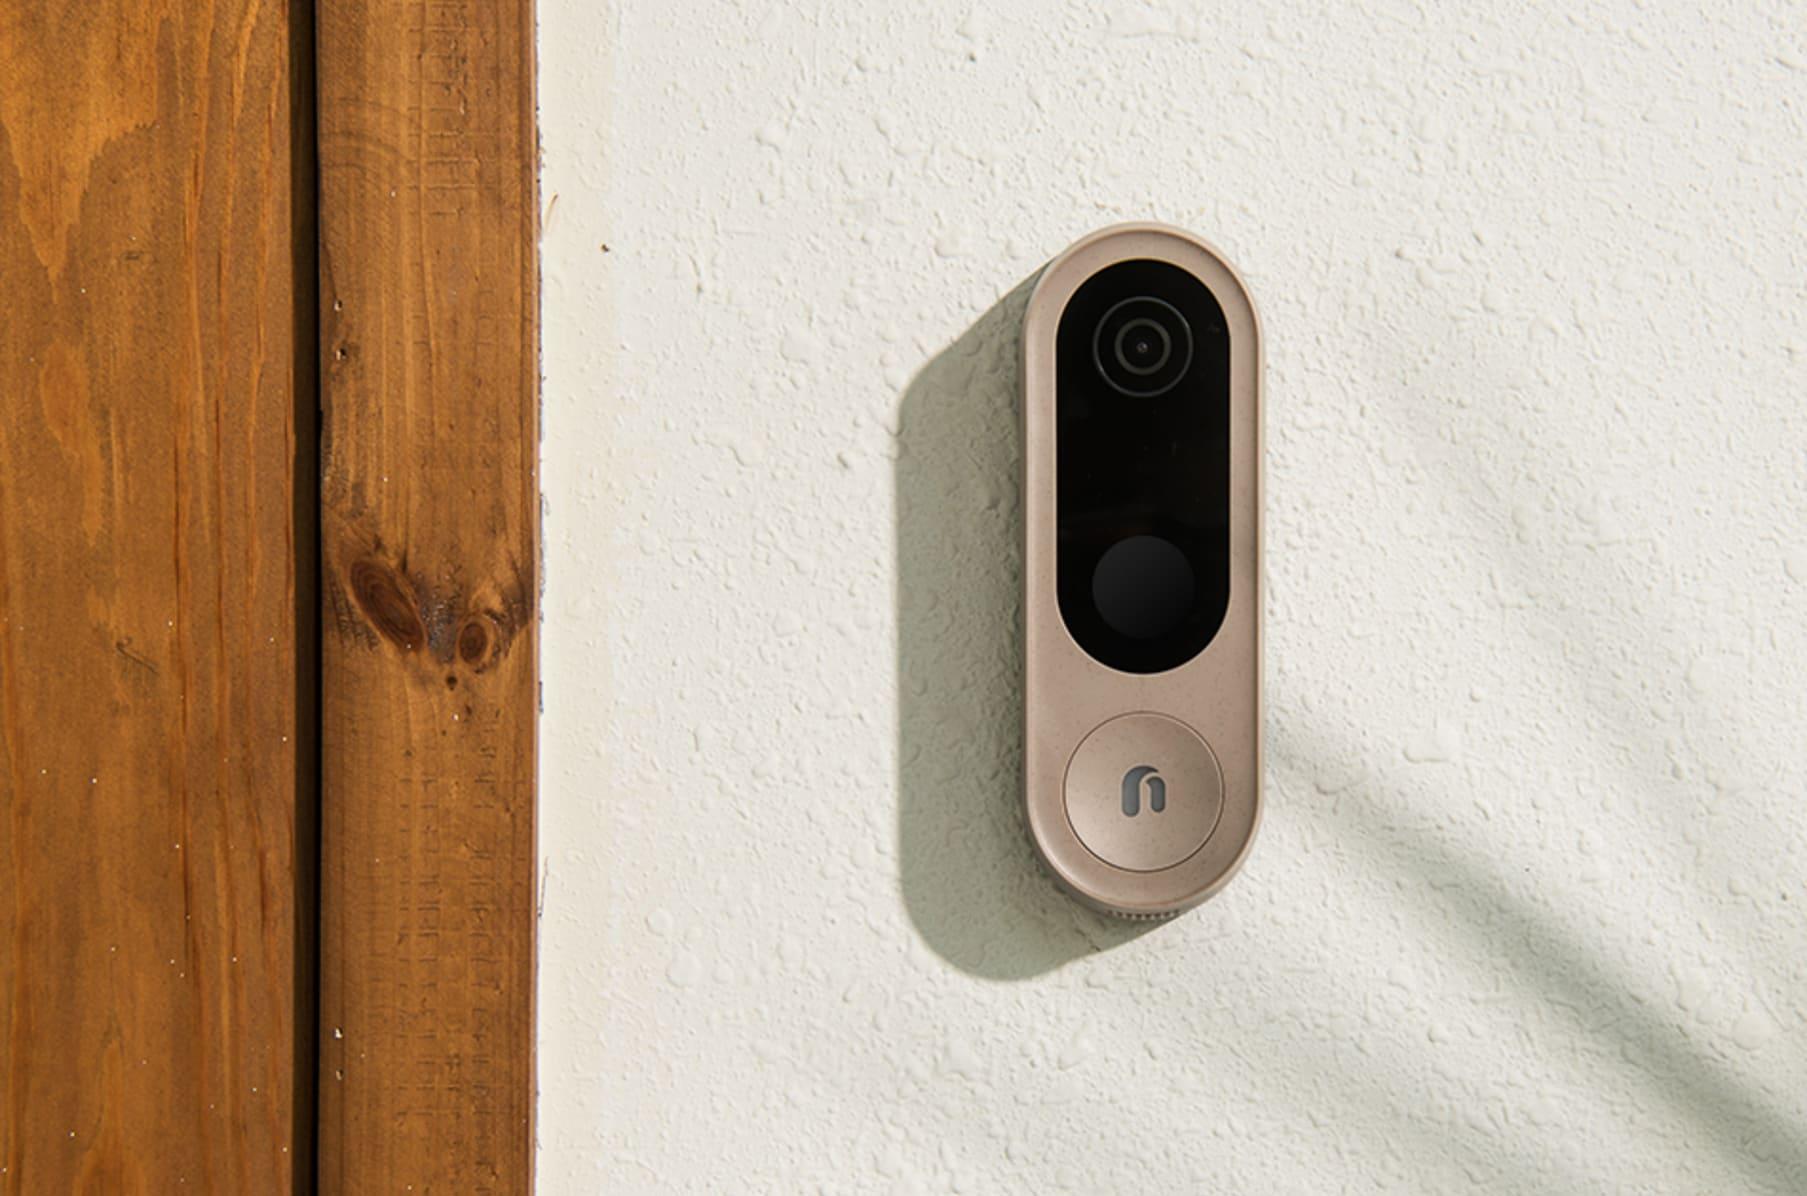 Nooie Smart Wireless Doorbell for 24-7 Security   Indiegogo